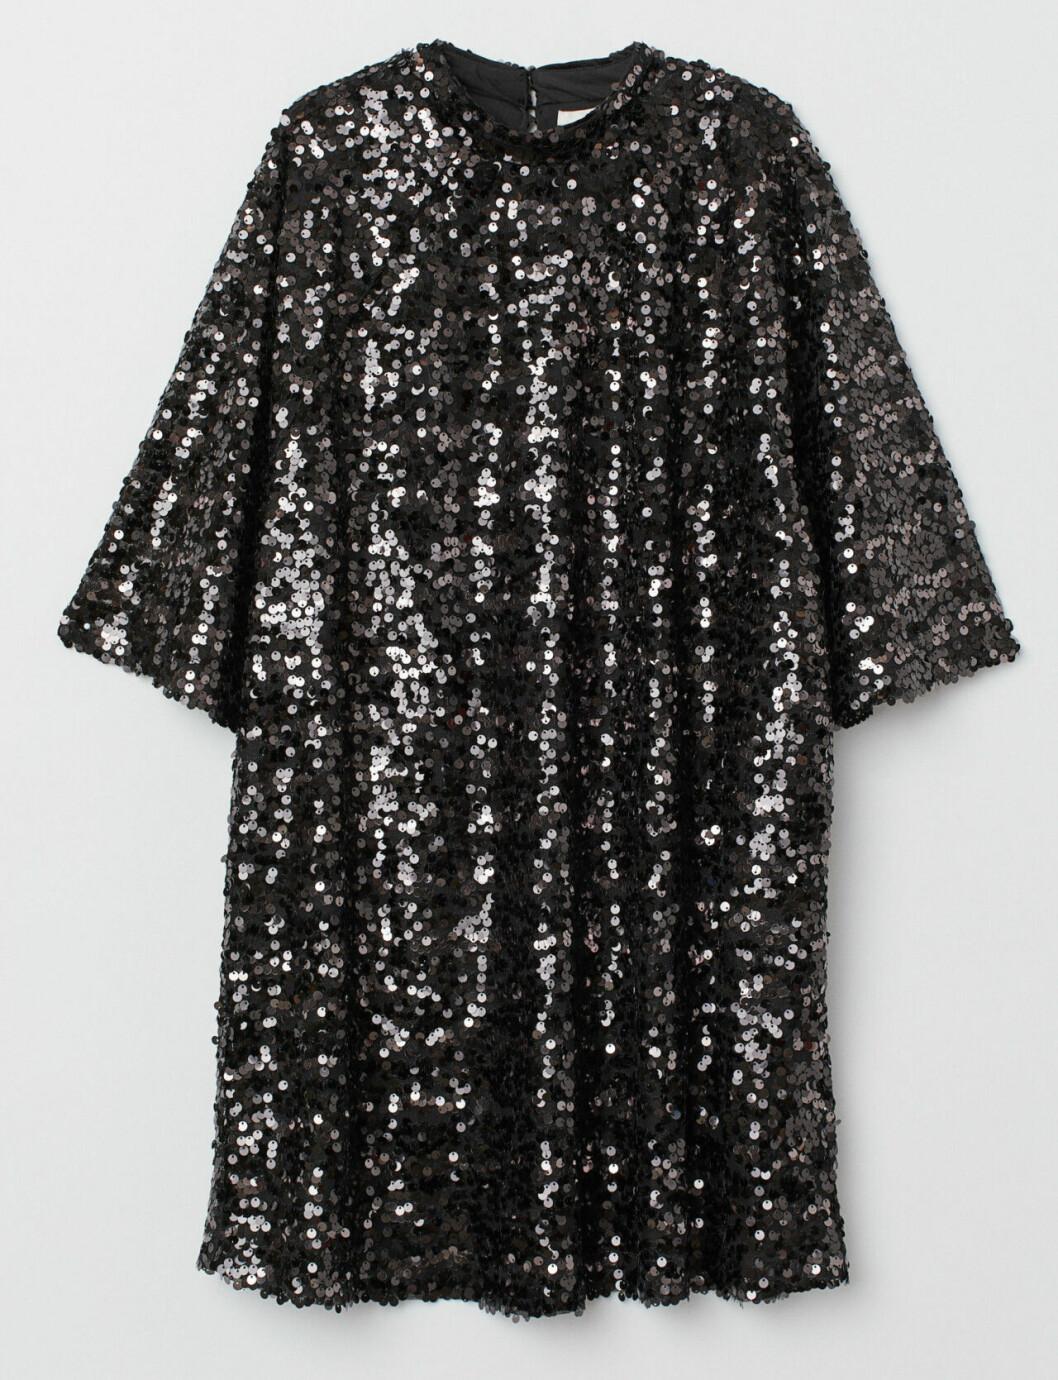 Paljettklänning till nyårsafton 2018